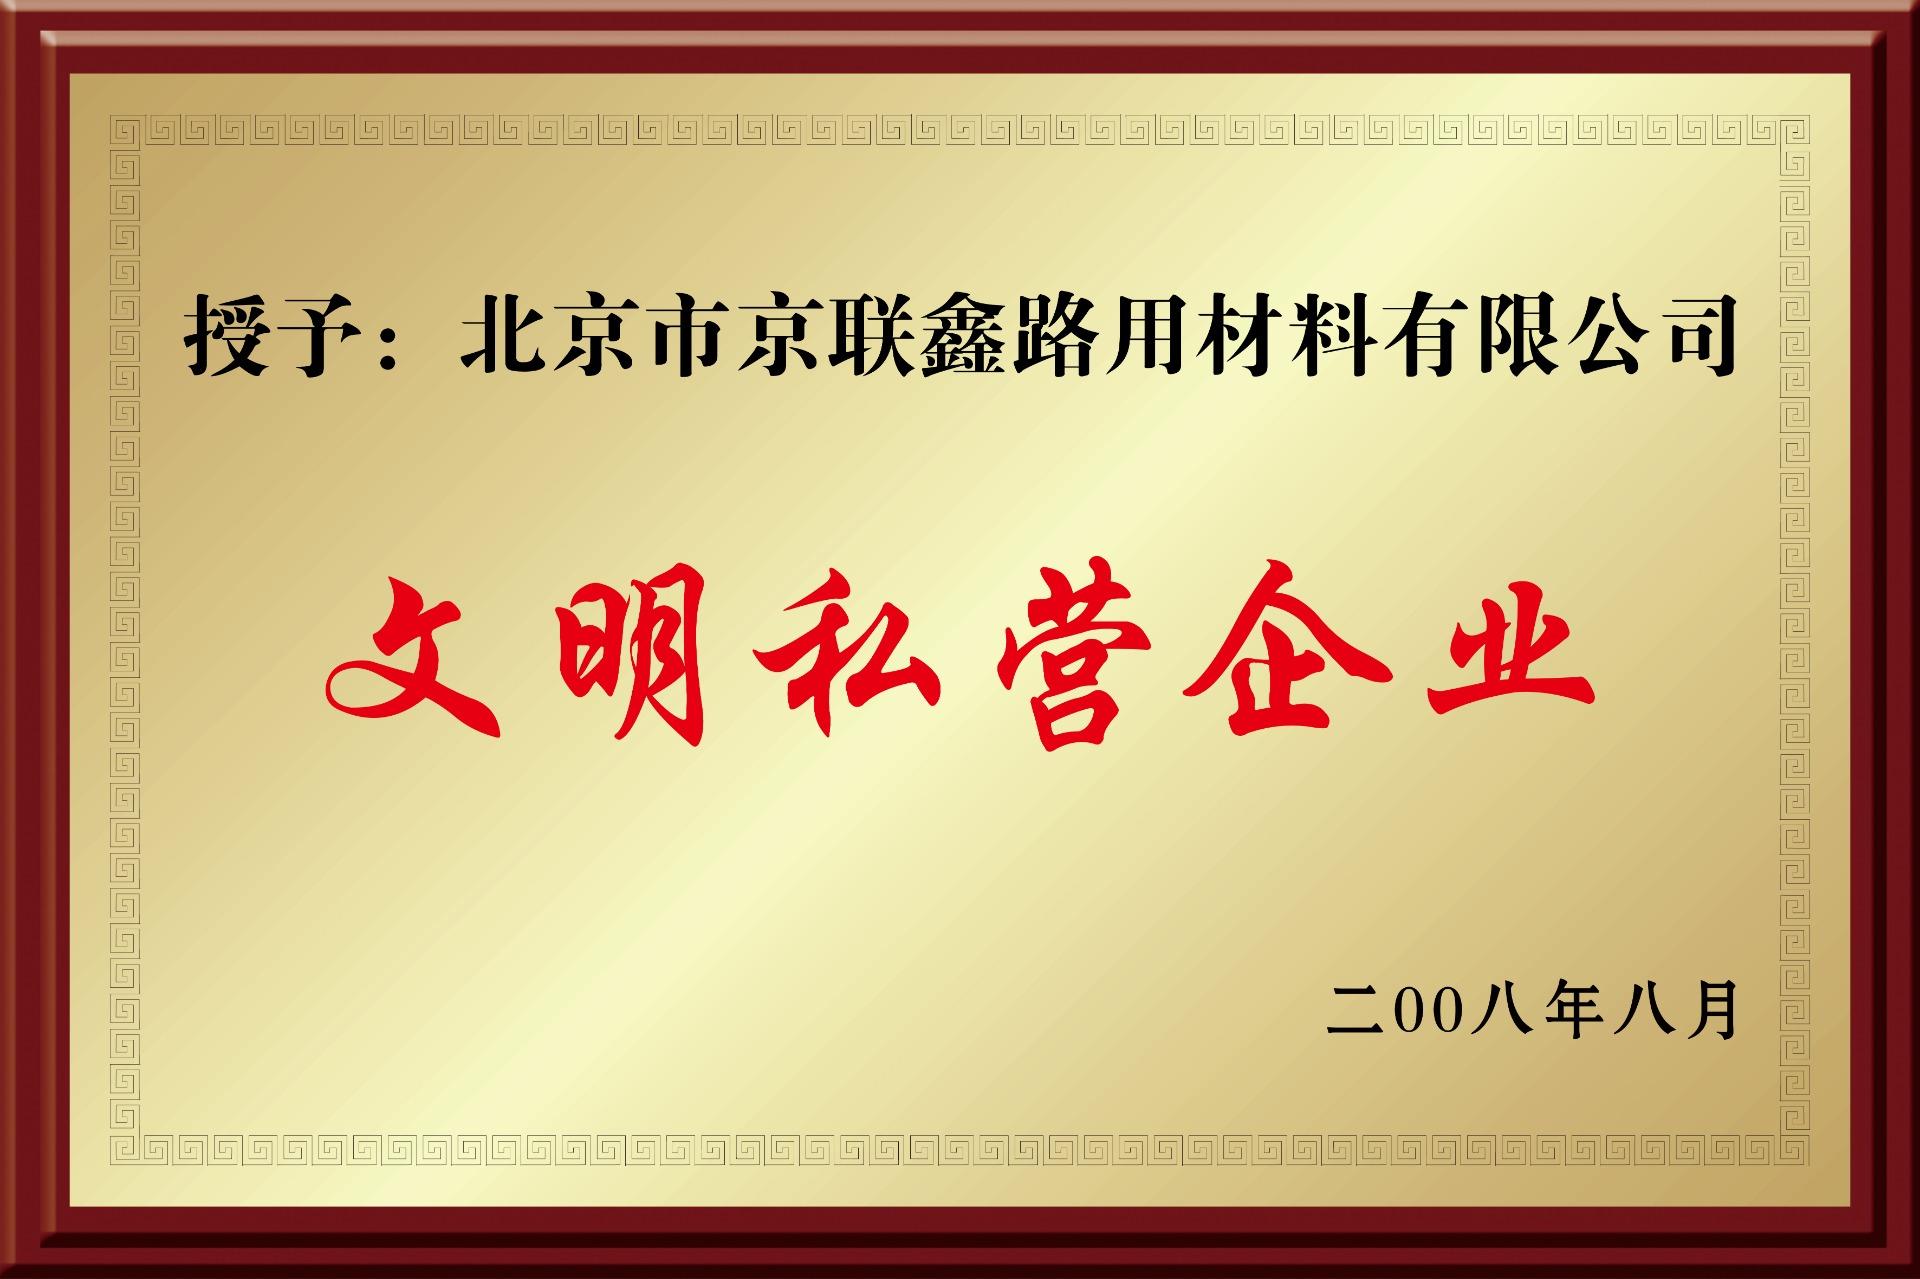 京联鑫荣誉03